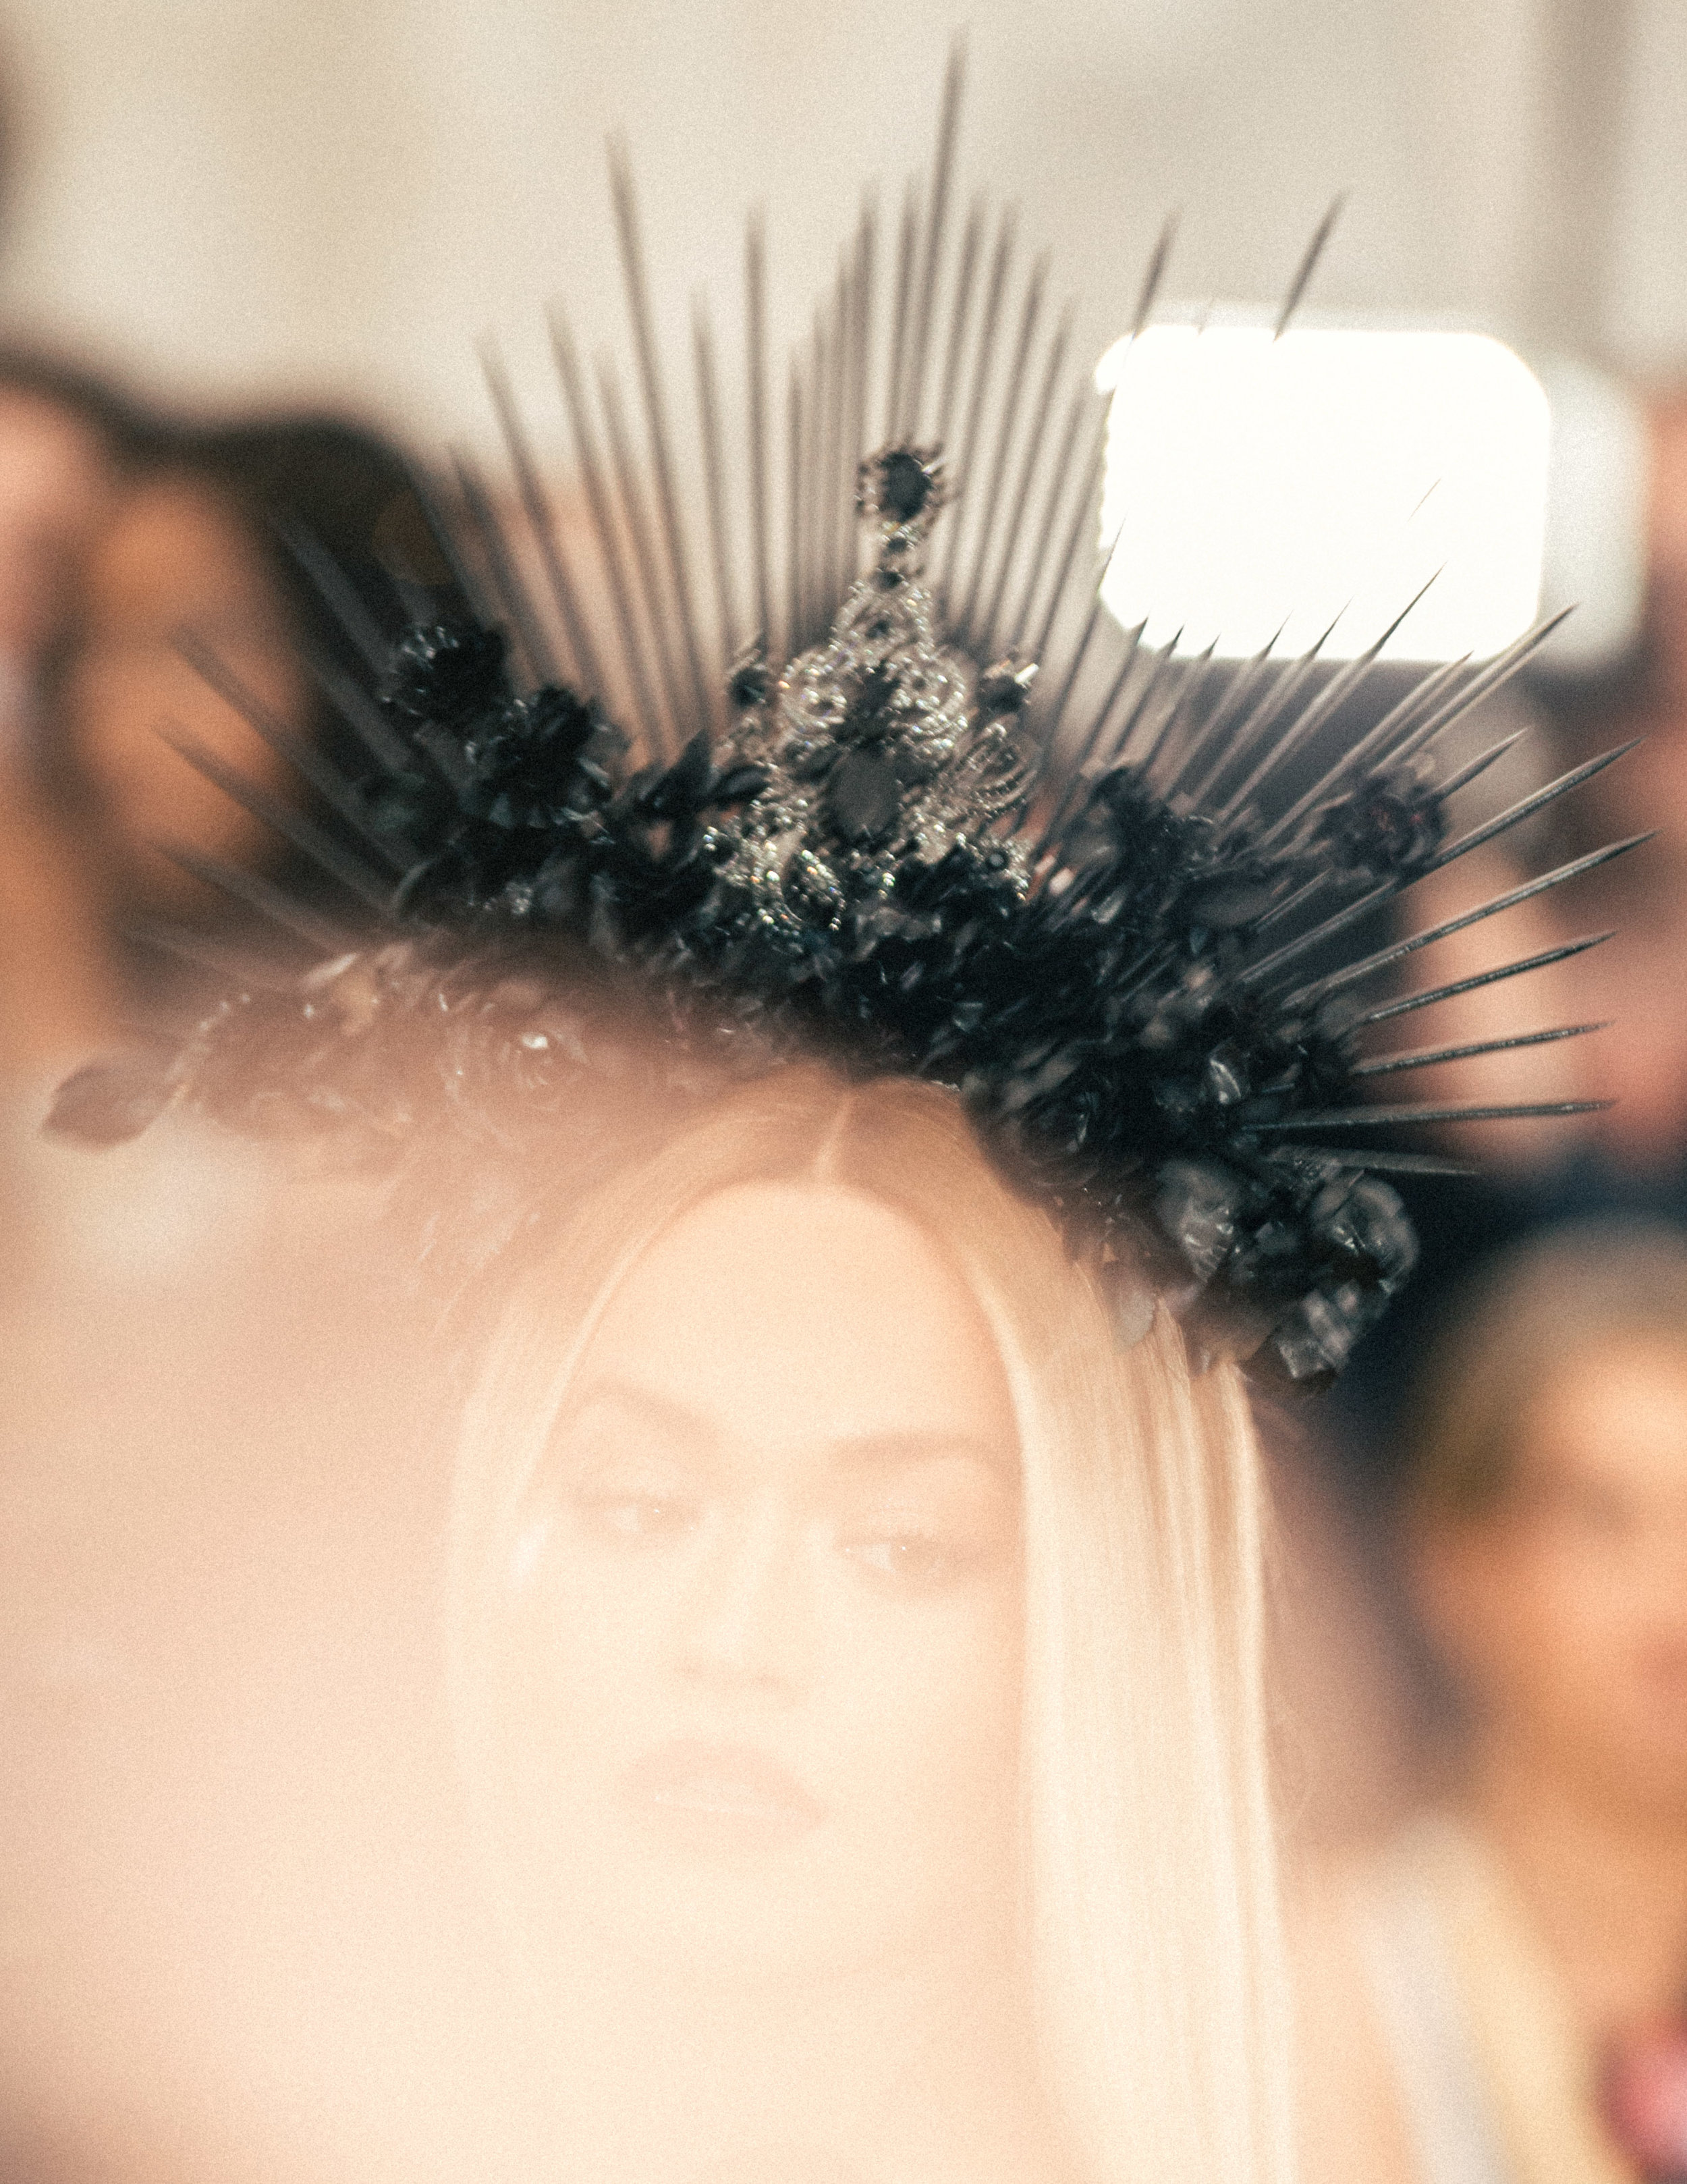 Rita Ora at the 2018 Met Gala. Photograph by Siyu Tang.